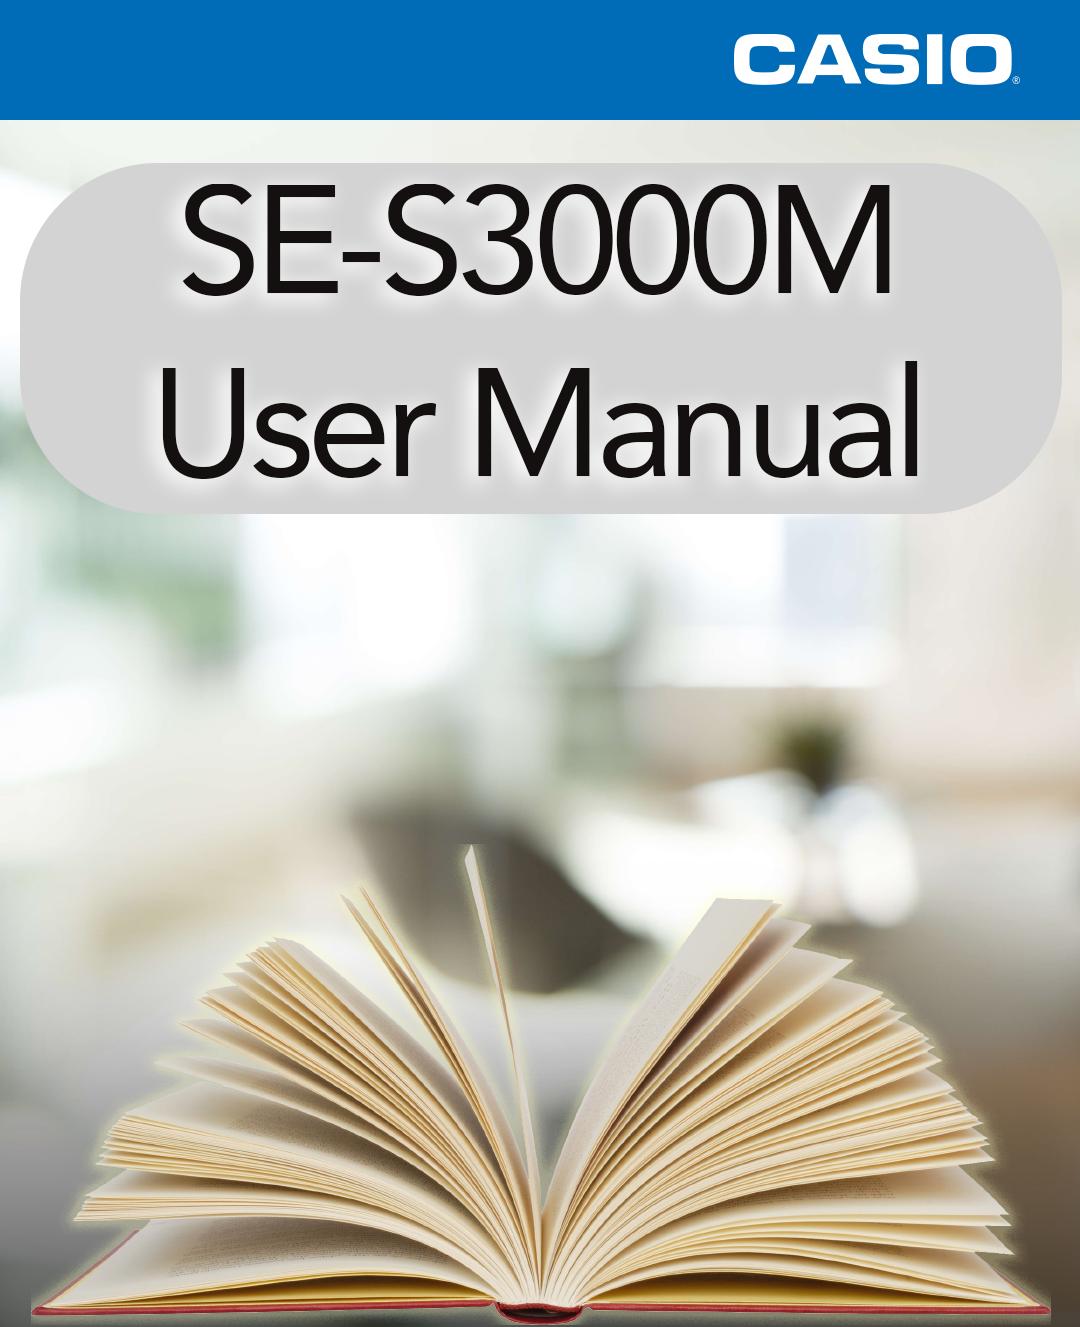 Casio SE-S3000M User Manual